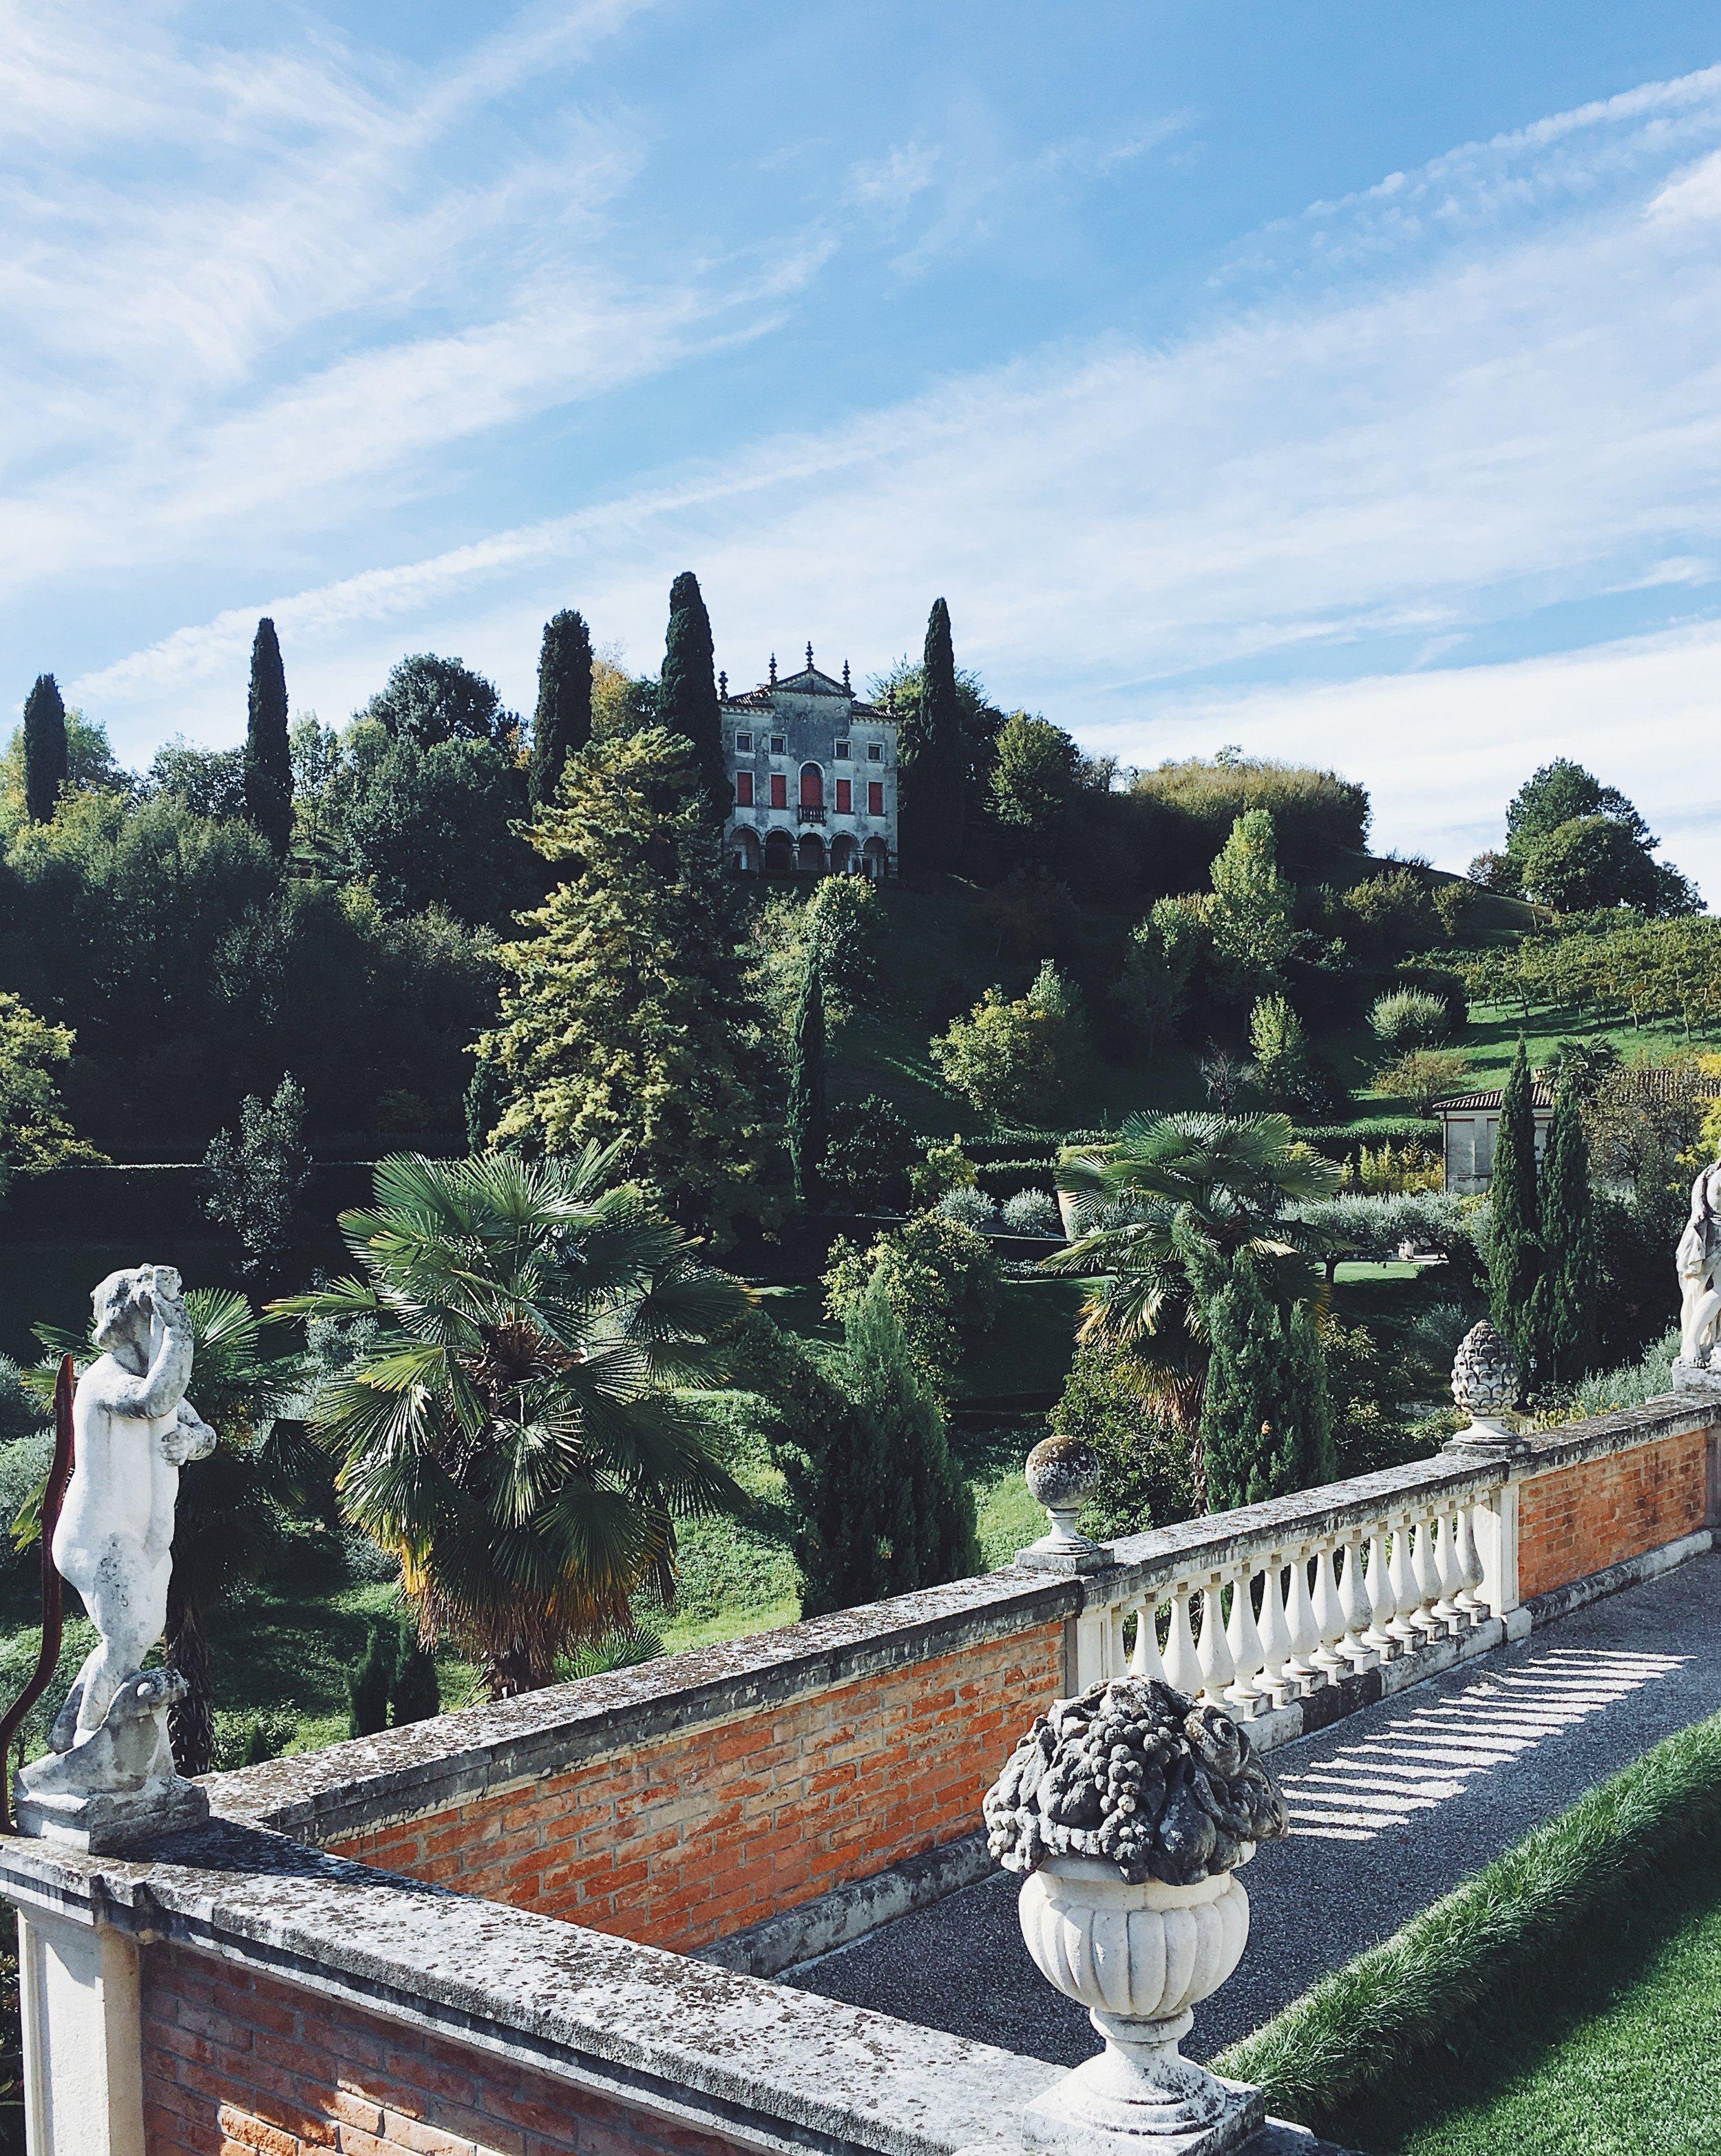 La vista meravigliosa dai Giardini di Villa Contarini con vista sul Castello di Asolo.